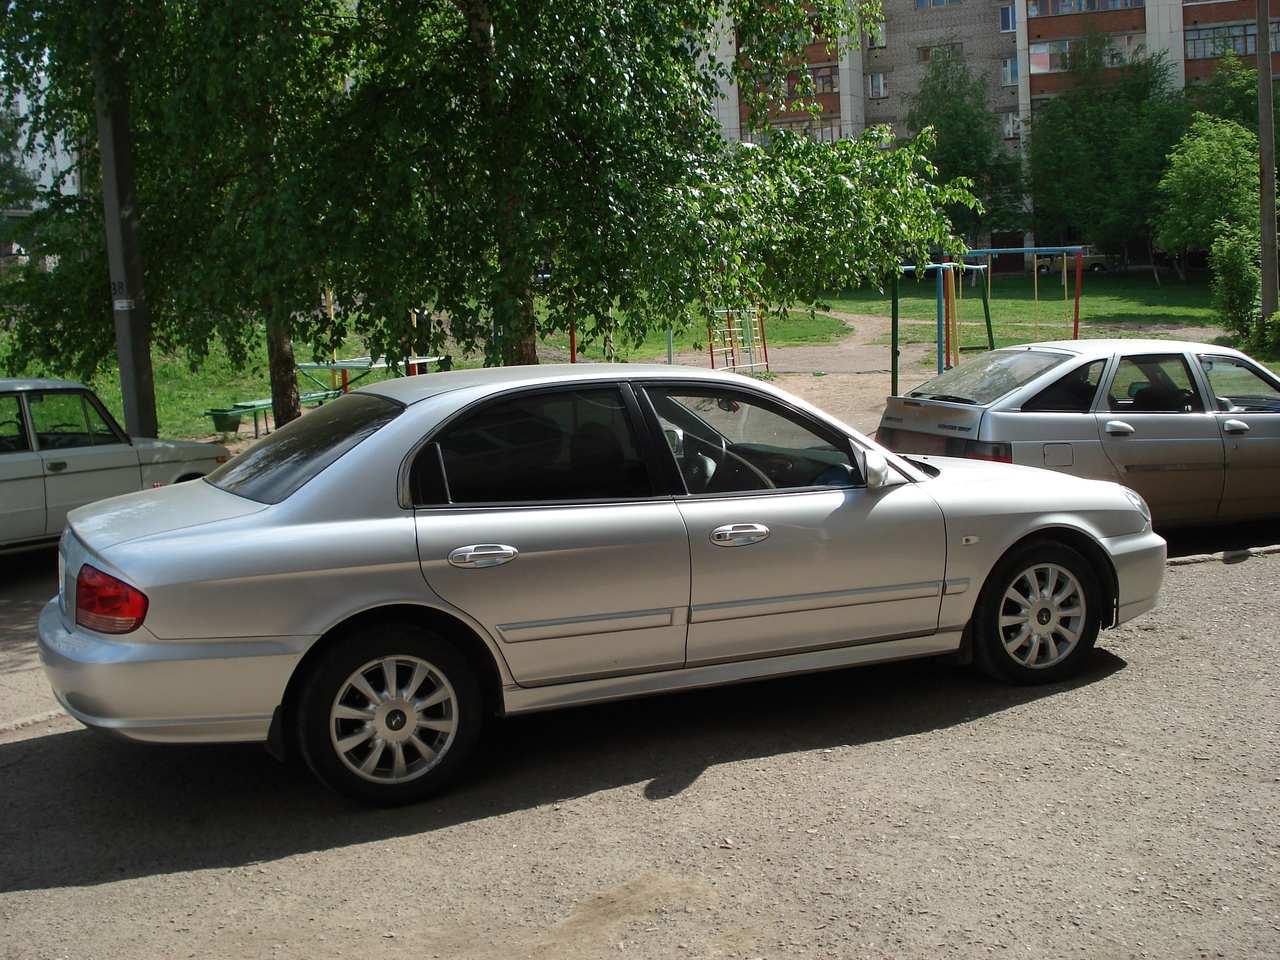 2004 Hyundai Sonata >> 2004 HYUNDAI SONATA - Image #11